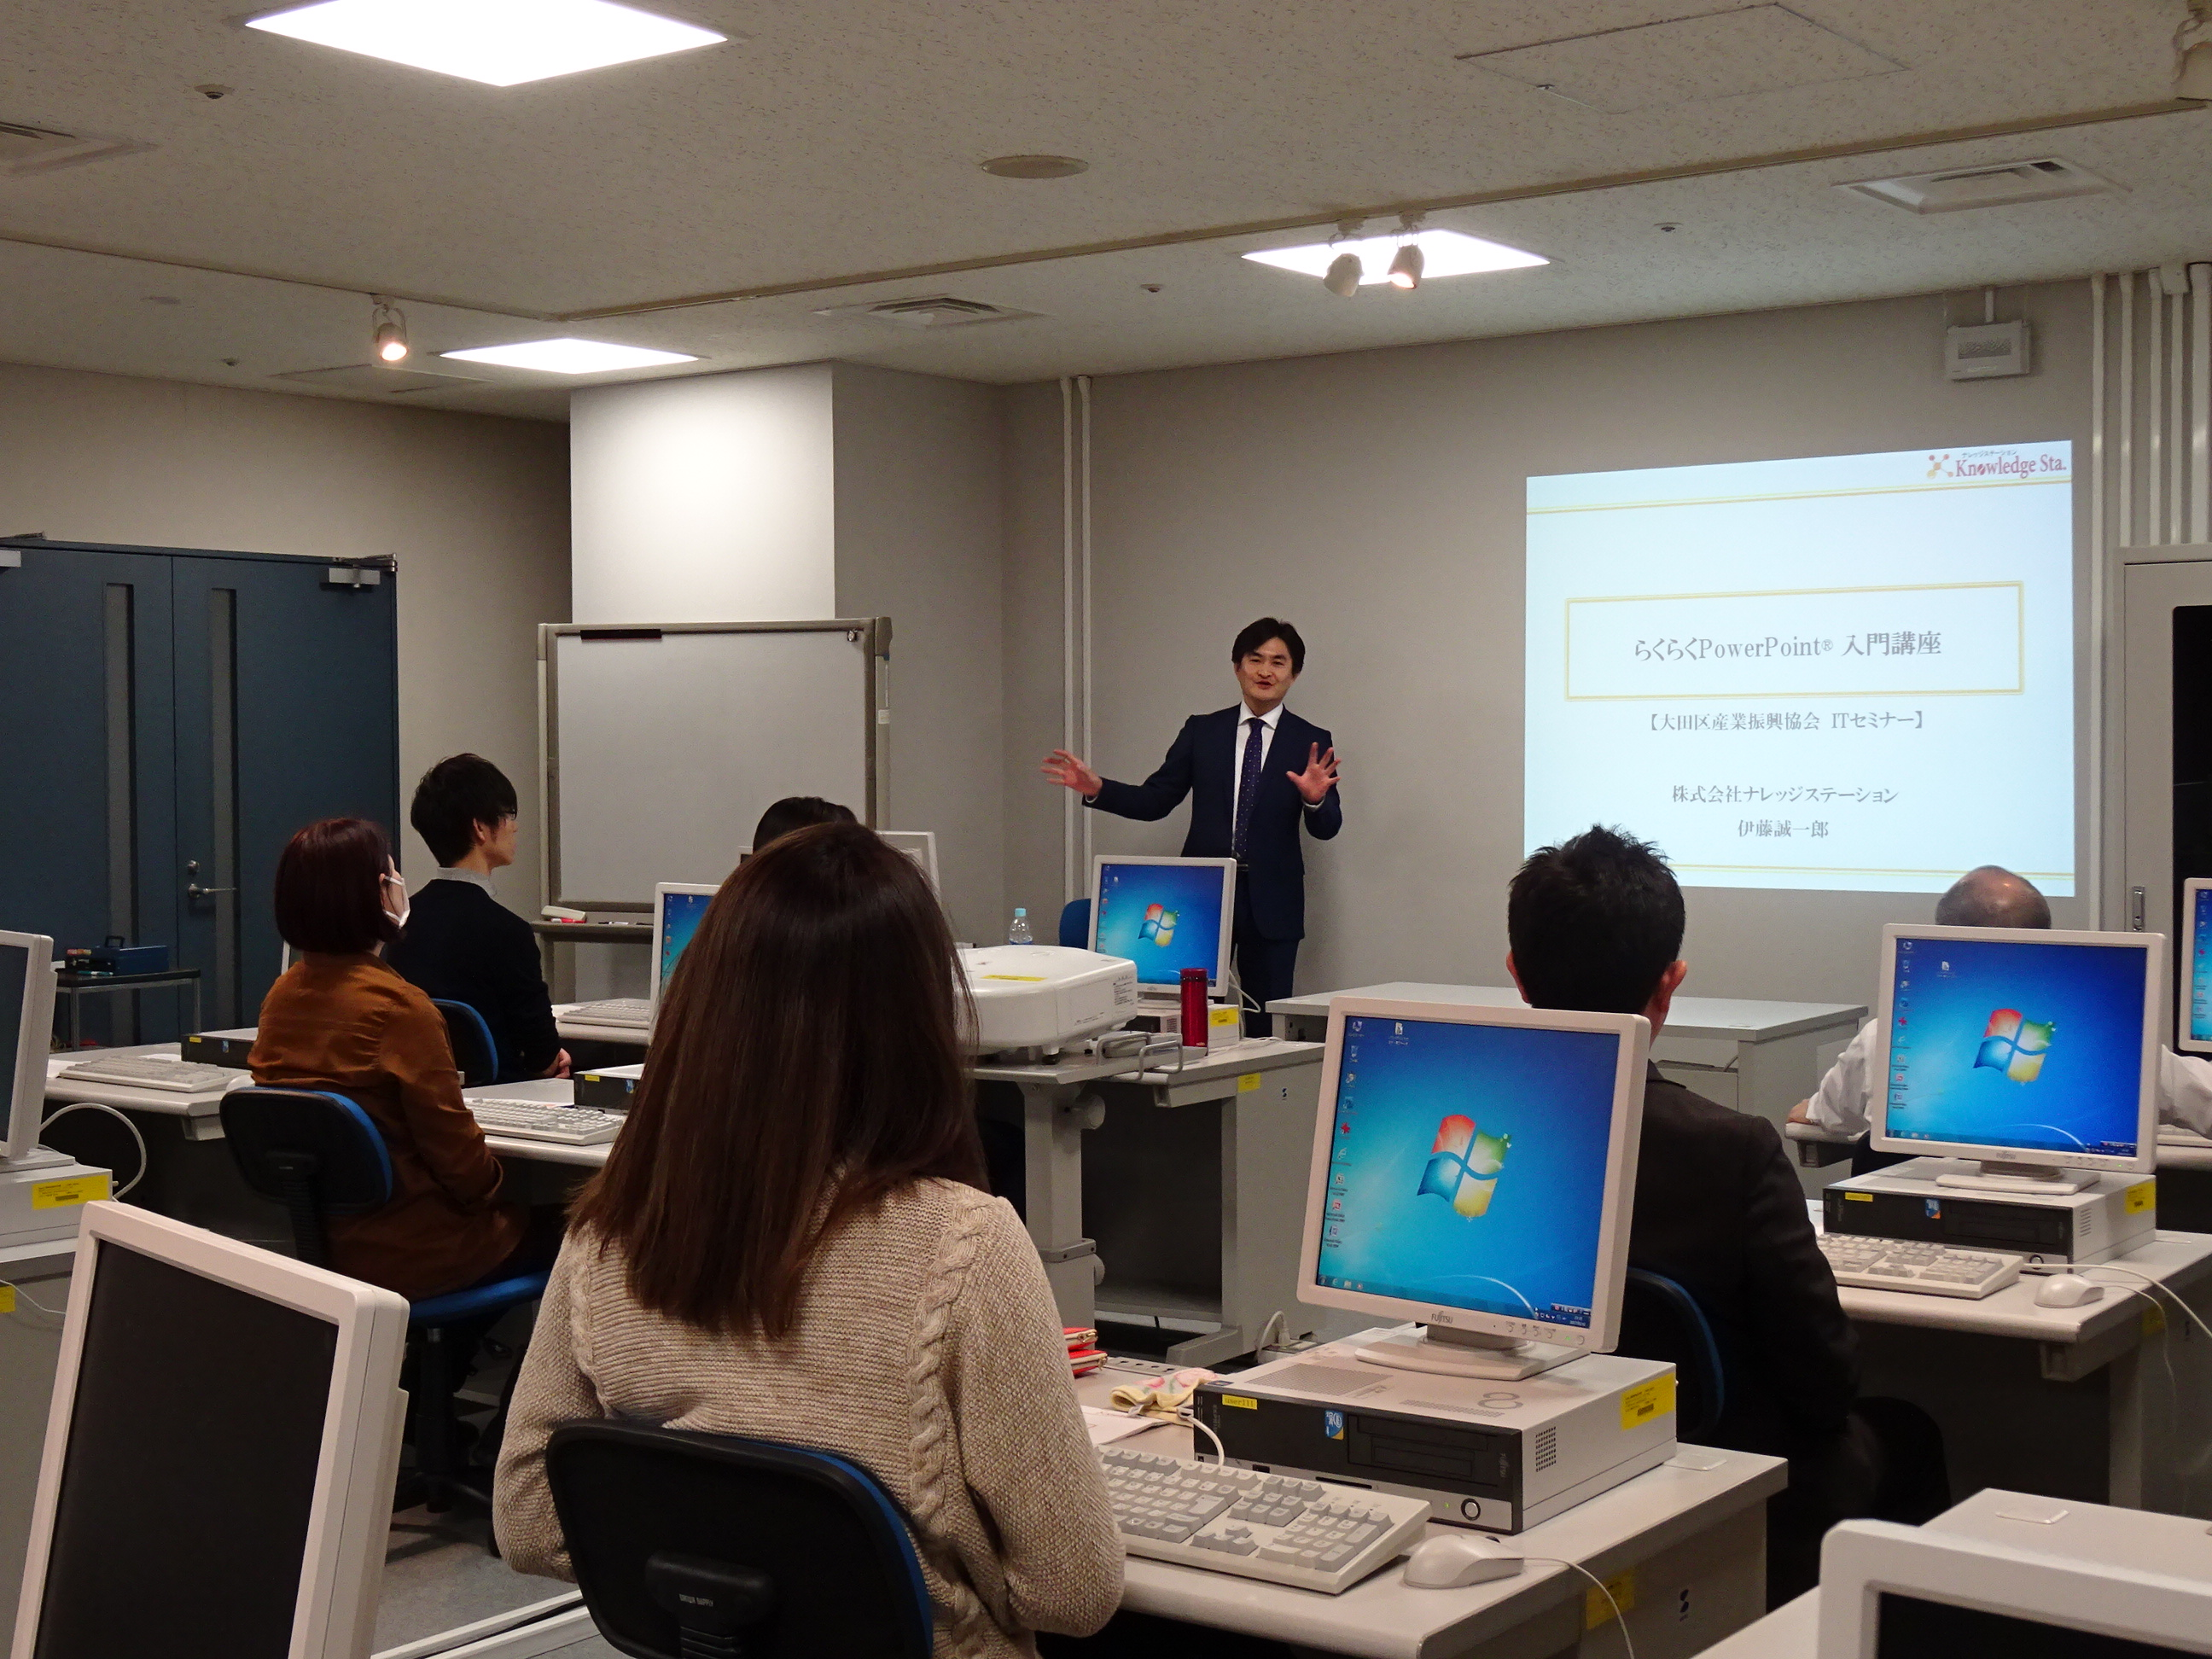 【大田区】PowerPointスキルアップセミナー画像02